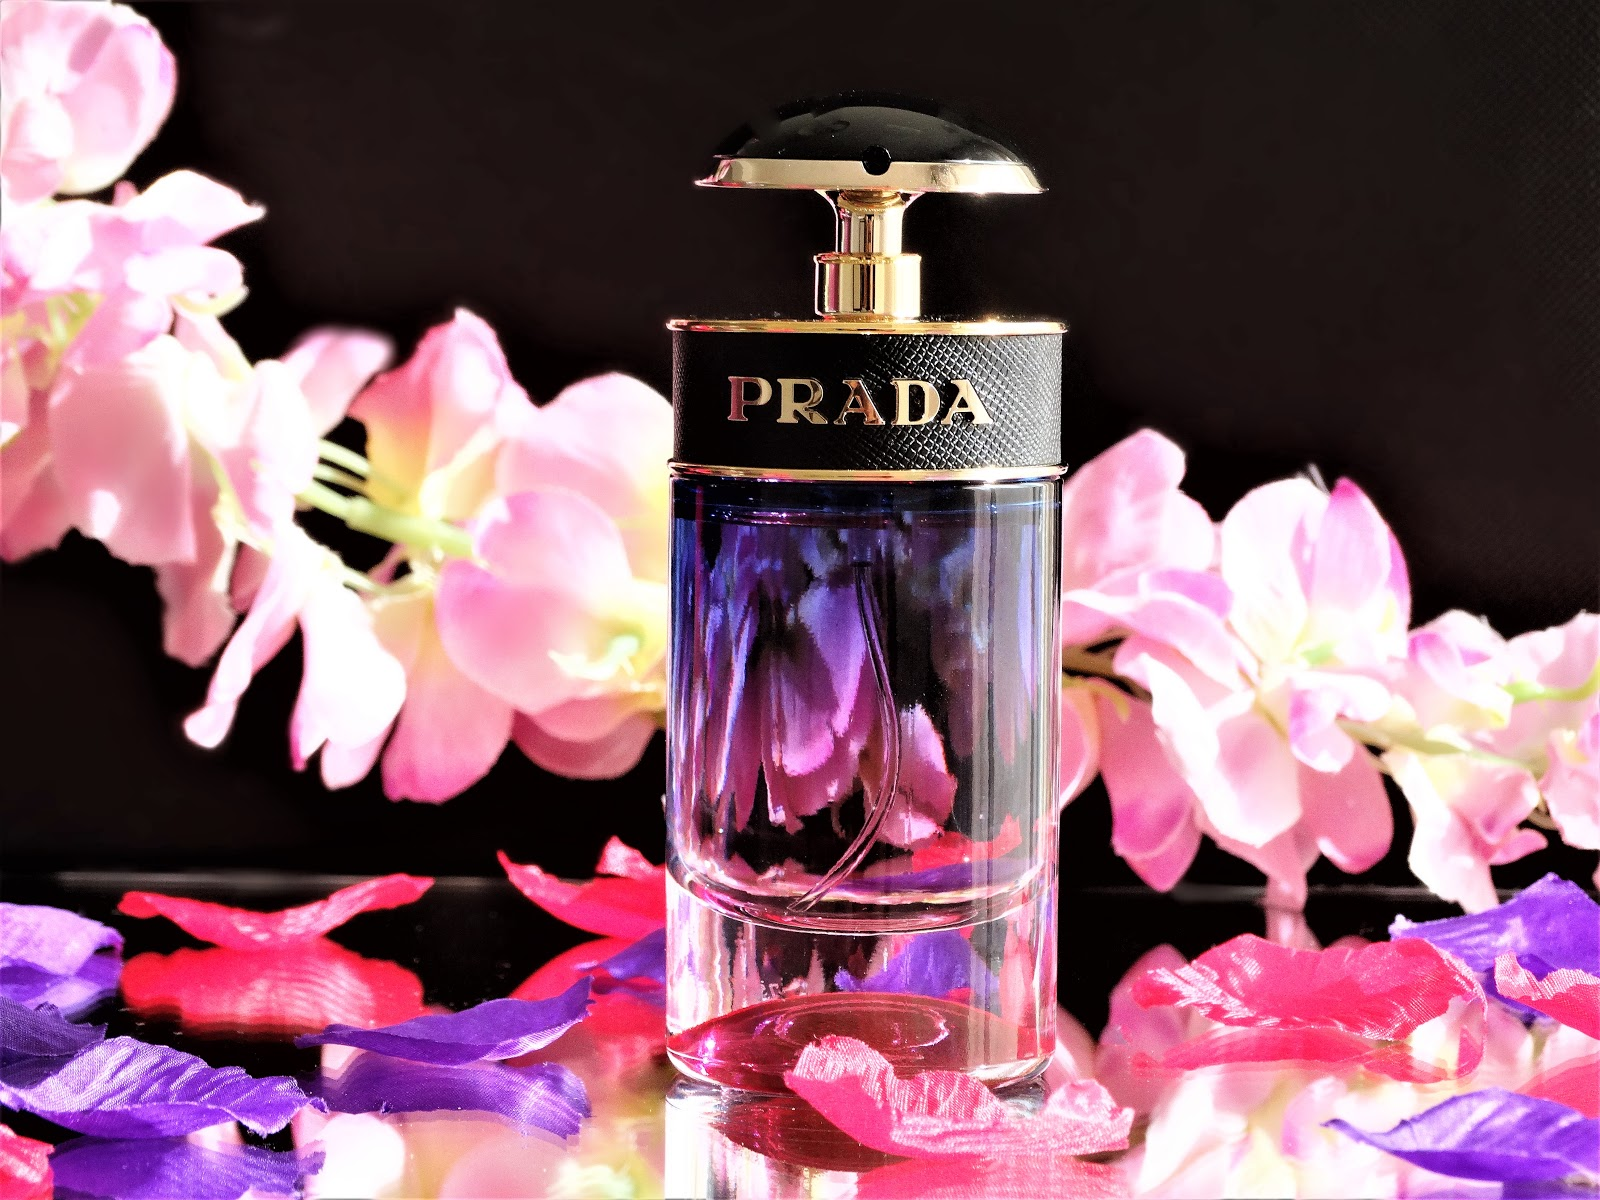 Le Night Candy Aphrodisiaque Prada Parfum Nouveau De srdxthQCB